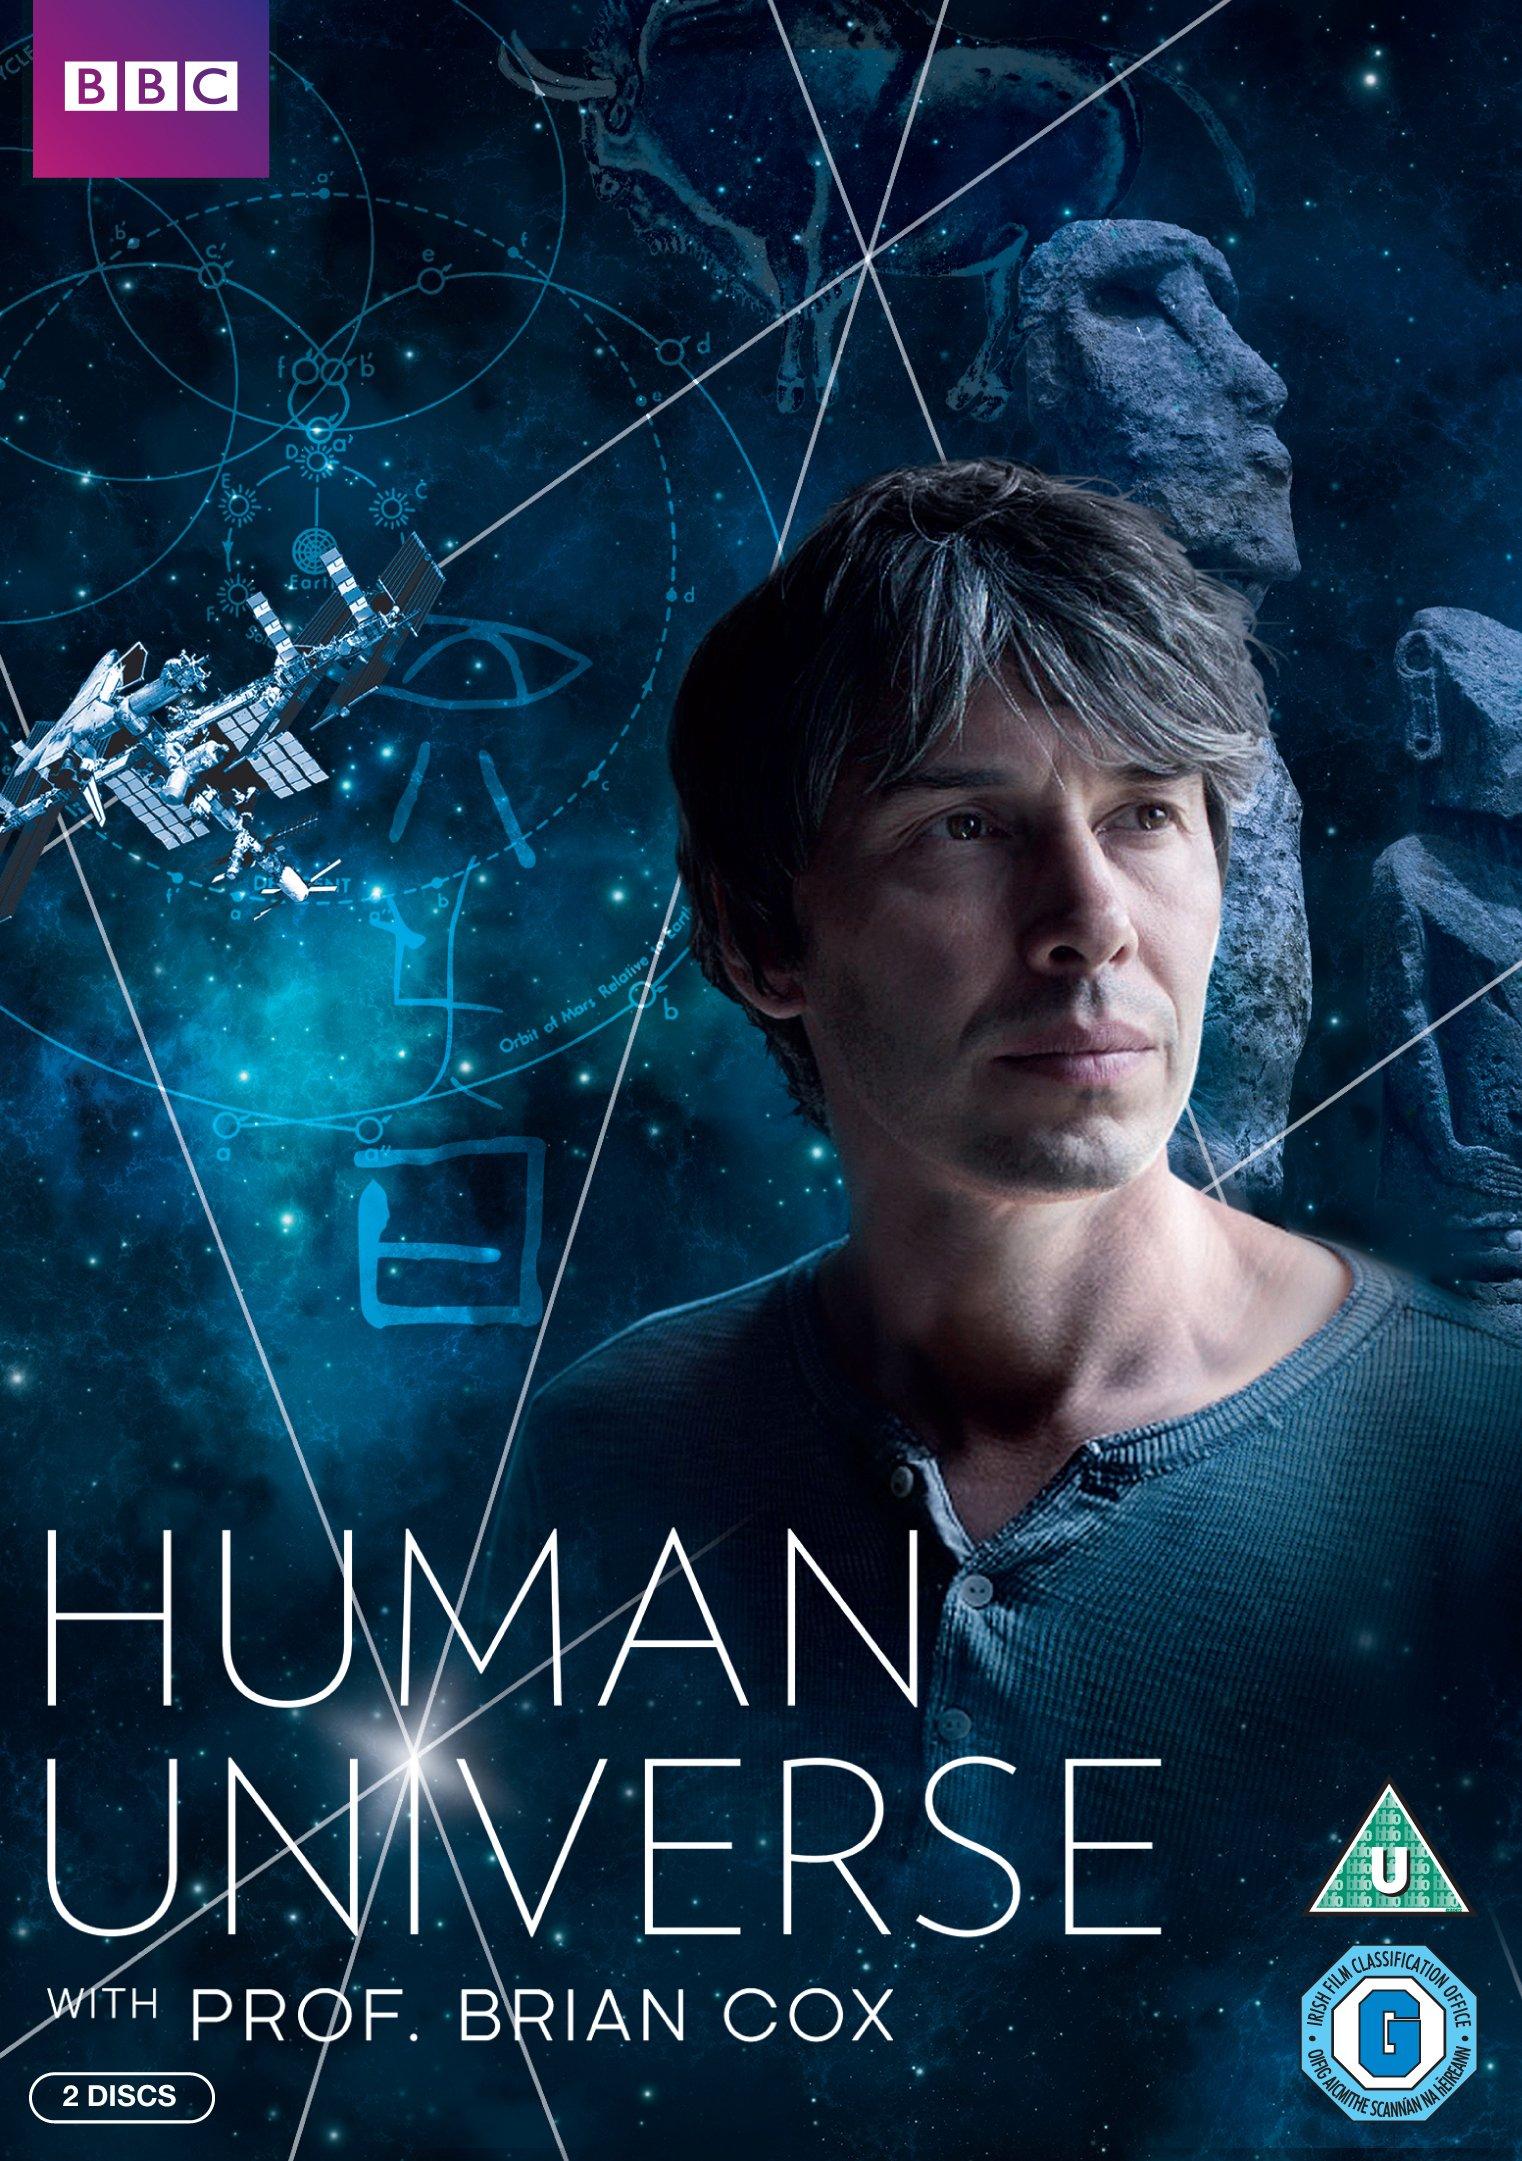 Human Universe kapak